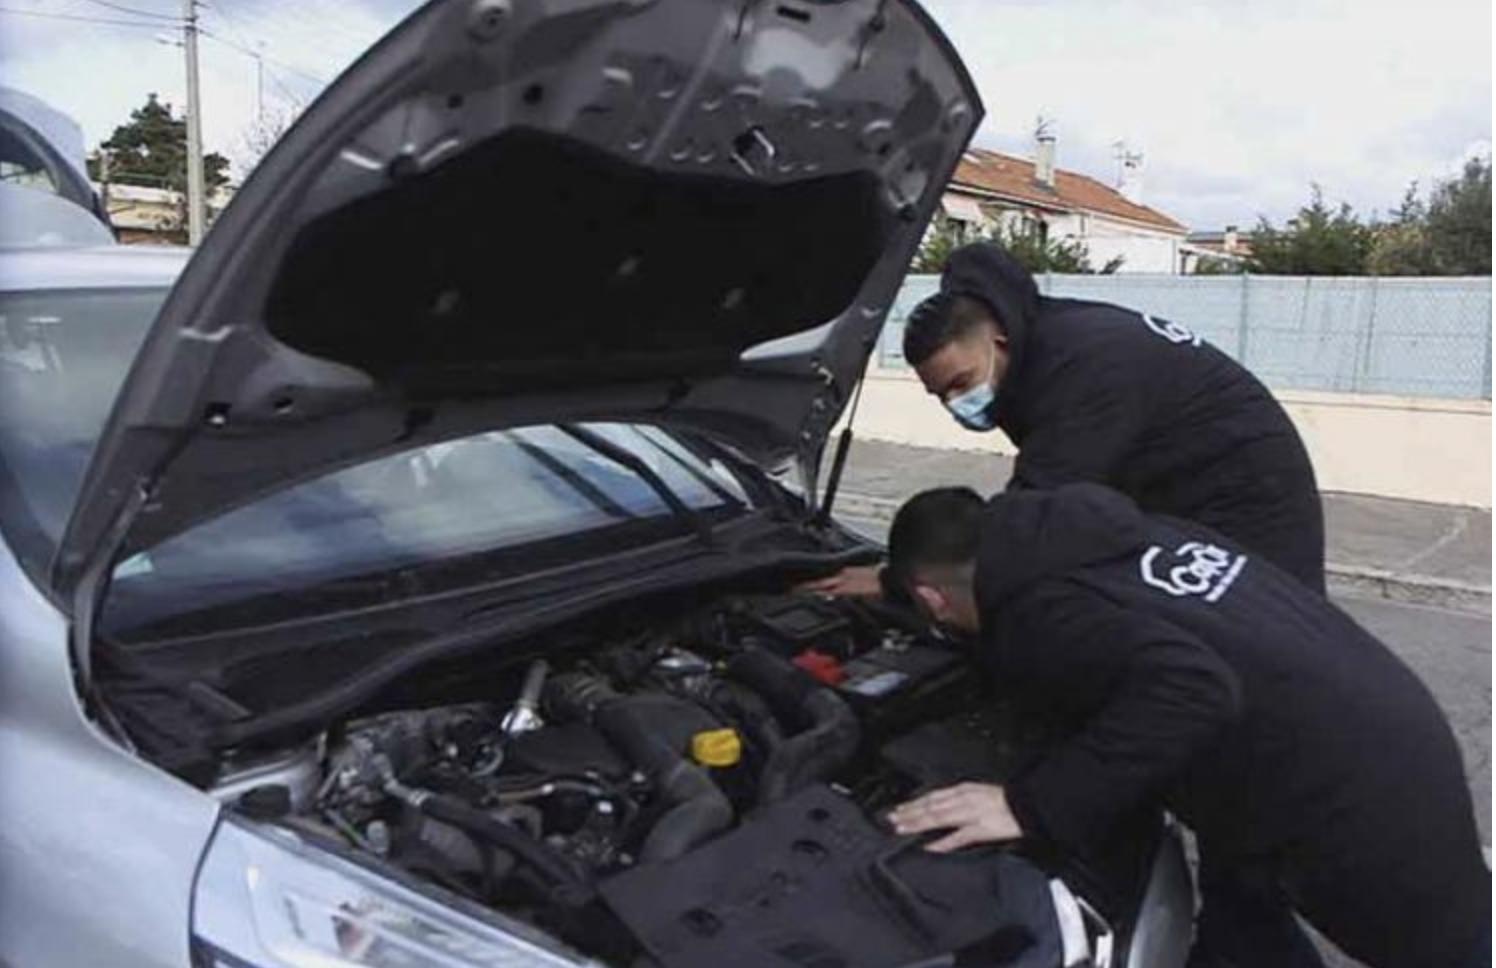 CapCar, la startup qui sécurise l'achat et la vente de véhicules dans Reportages Découverte sur TF1 le 2 mai 2021 - Voitures neuves ou d'occasion : attention aux arnaques